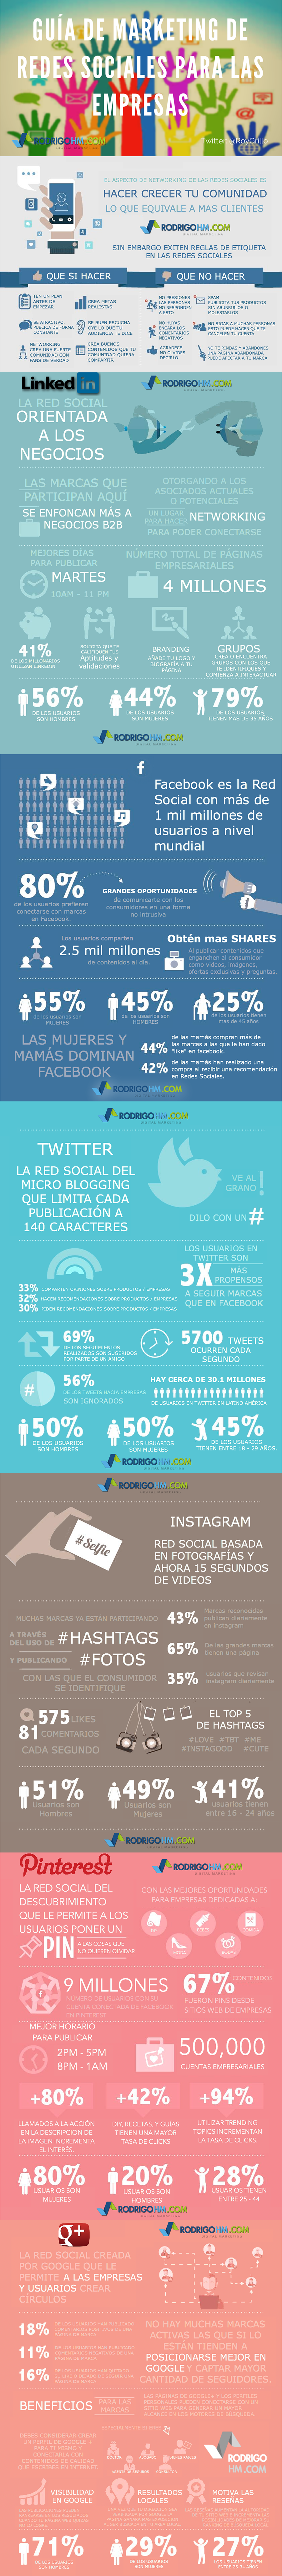 Hola: Una infografía con una Guía de Marketing de Redes Sociales para las Empresas. Vía Un saludo